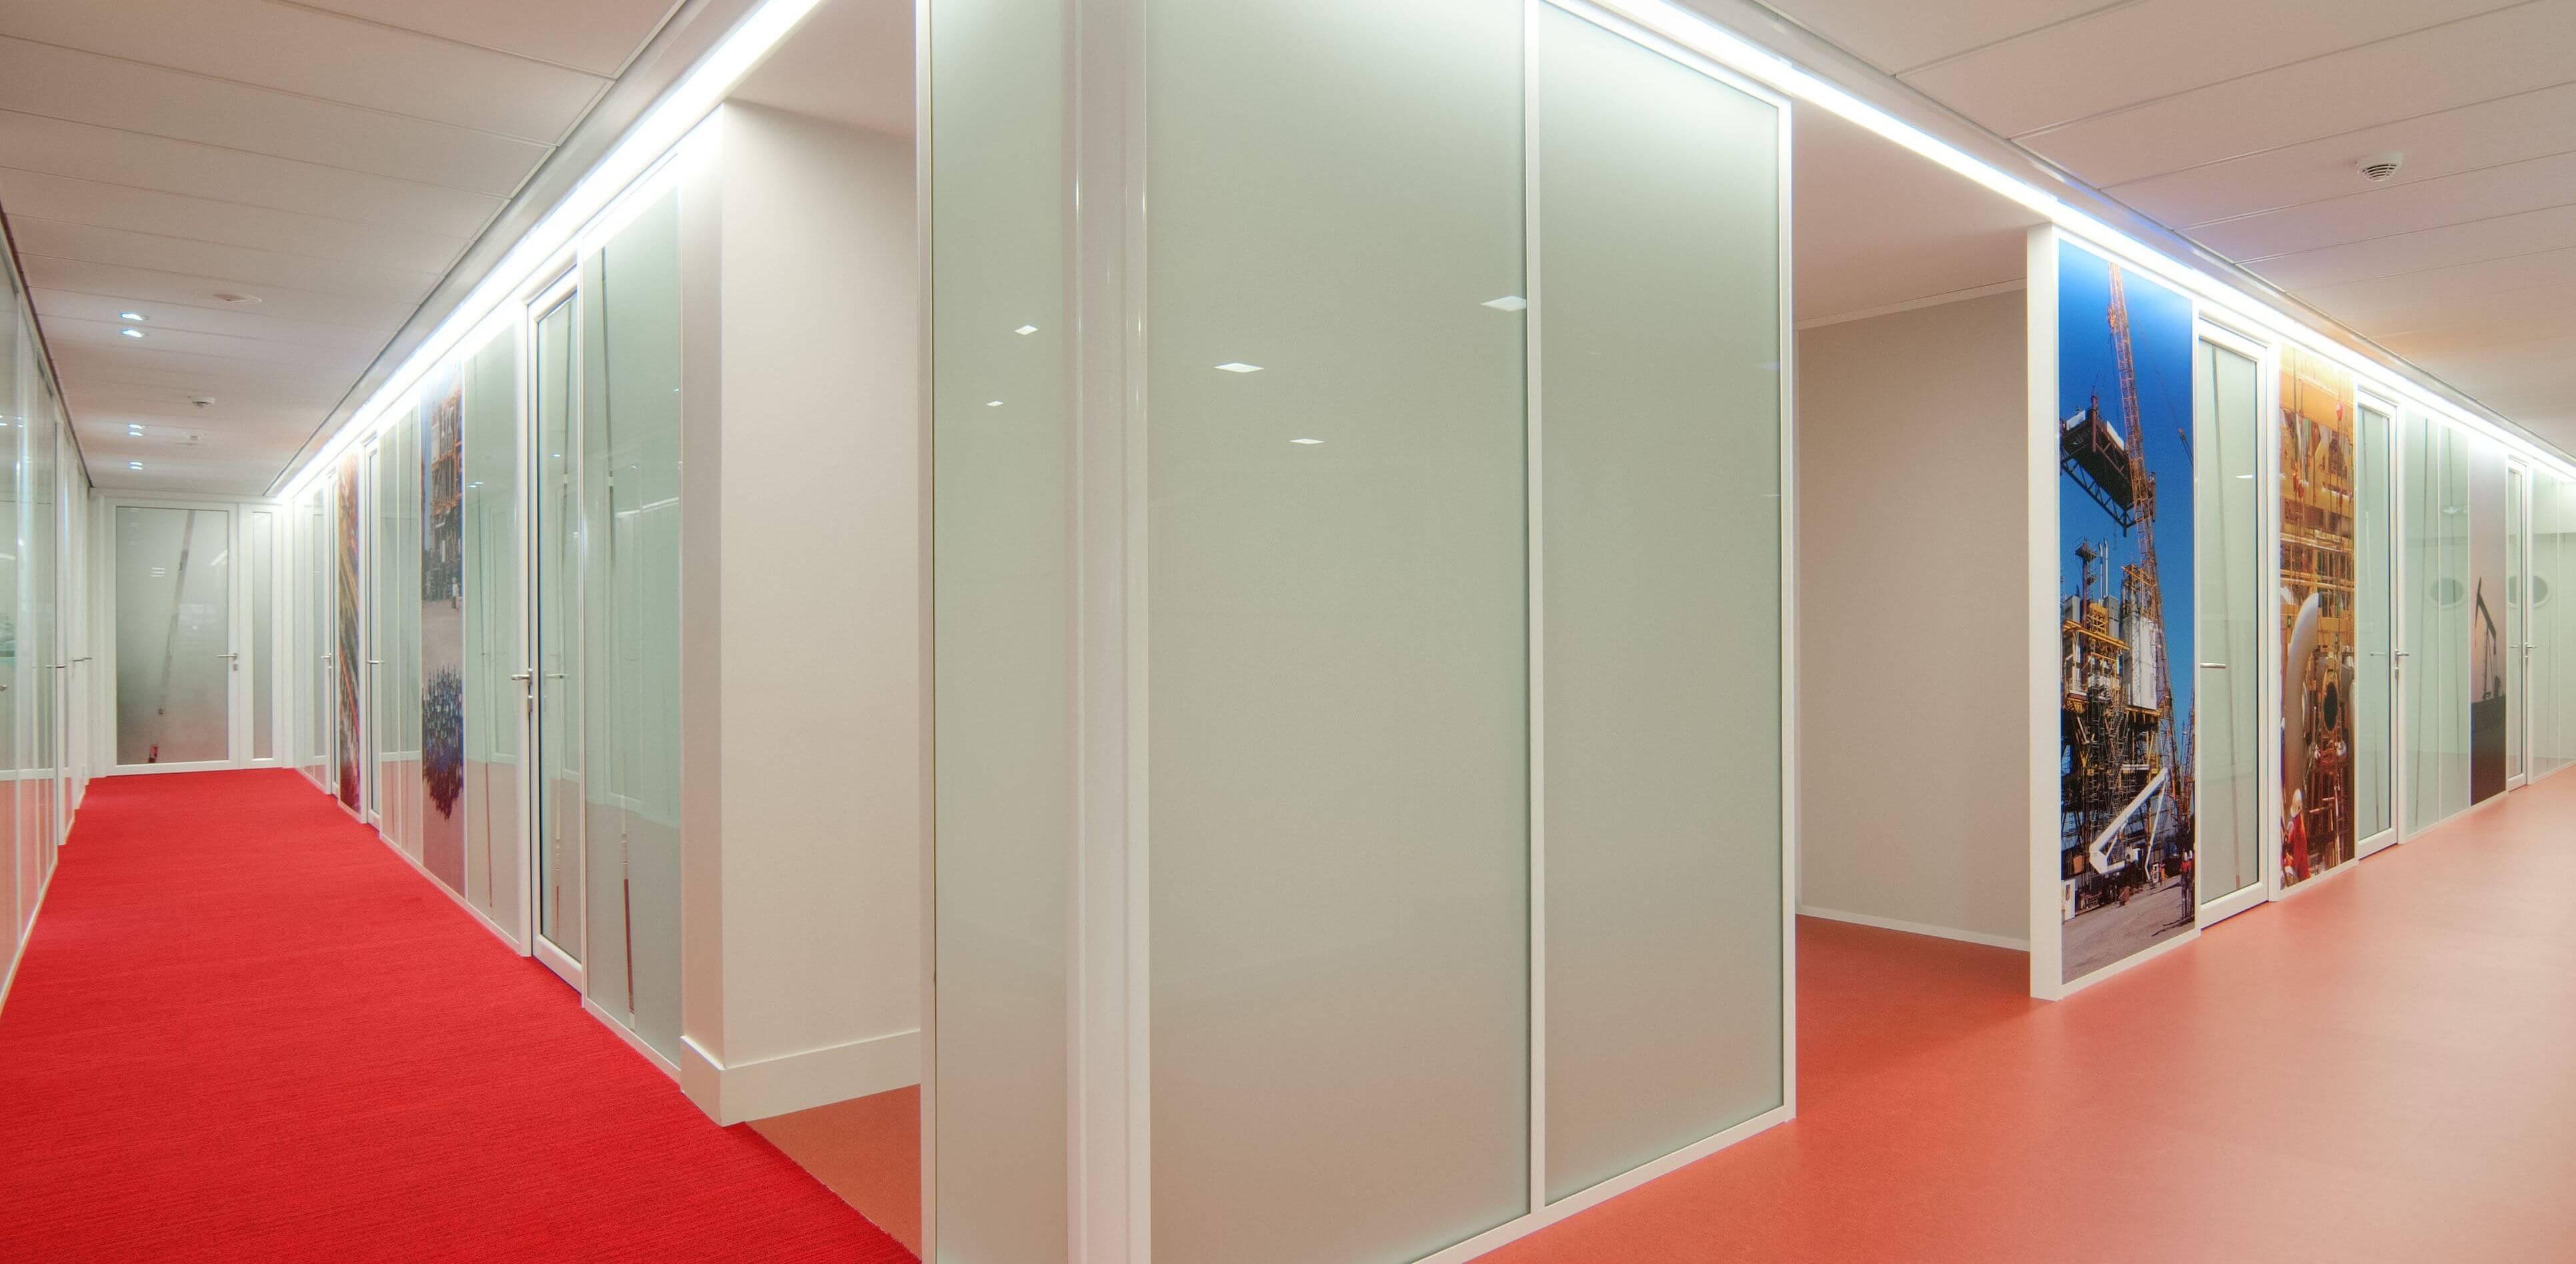 Cloisons démontables vitrées avec couvre-joints et angle 90° arrondi